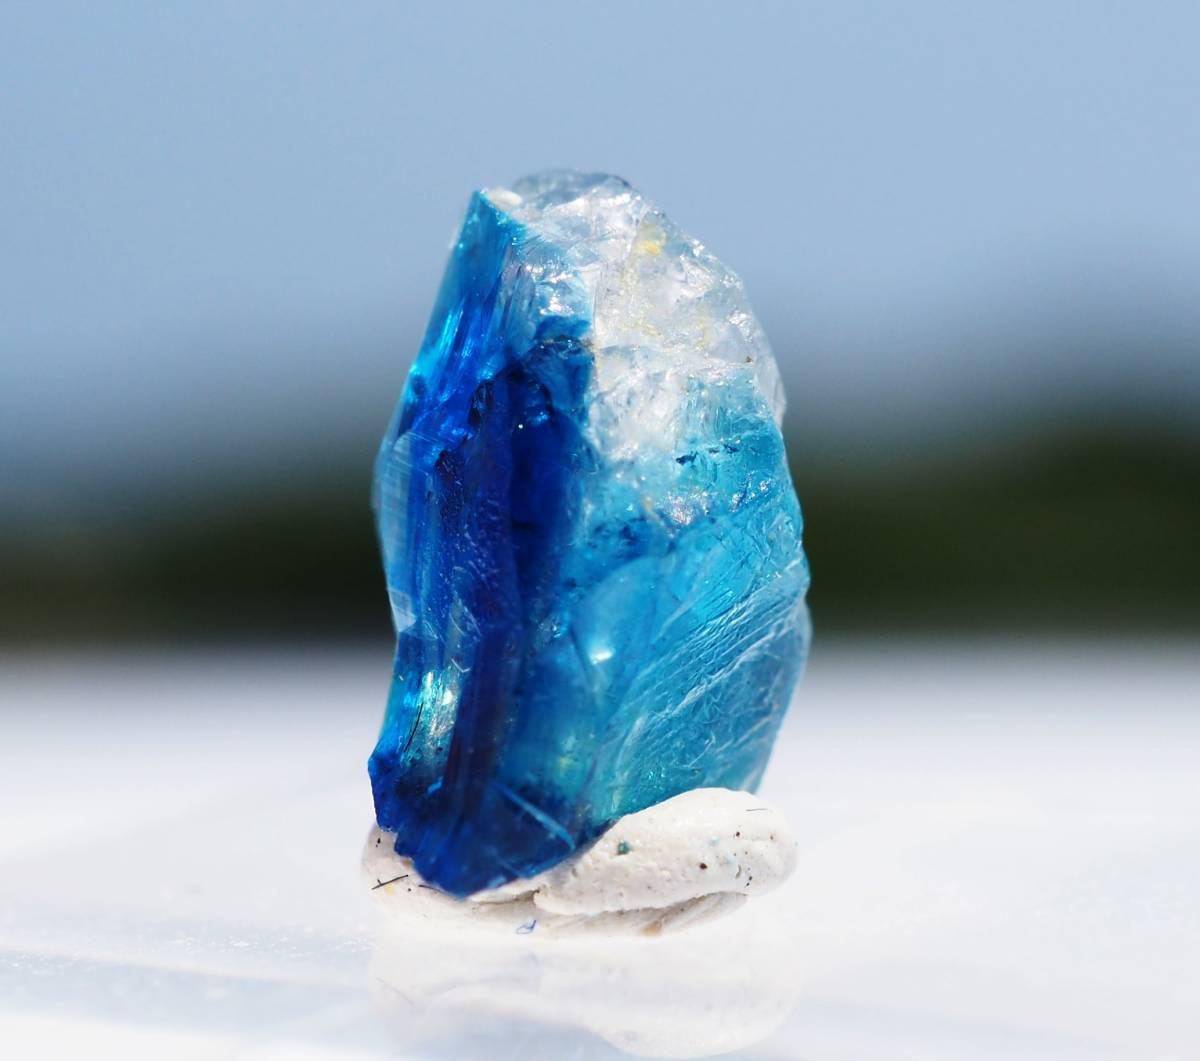 宝石質 ジンバブエ産 ユークレース ハイグレード 深く透明なブルーライン_画像6